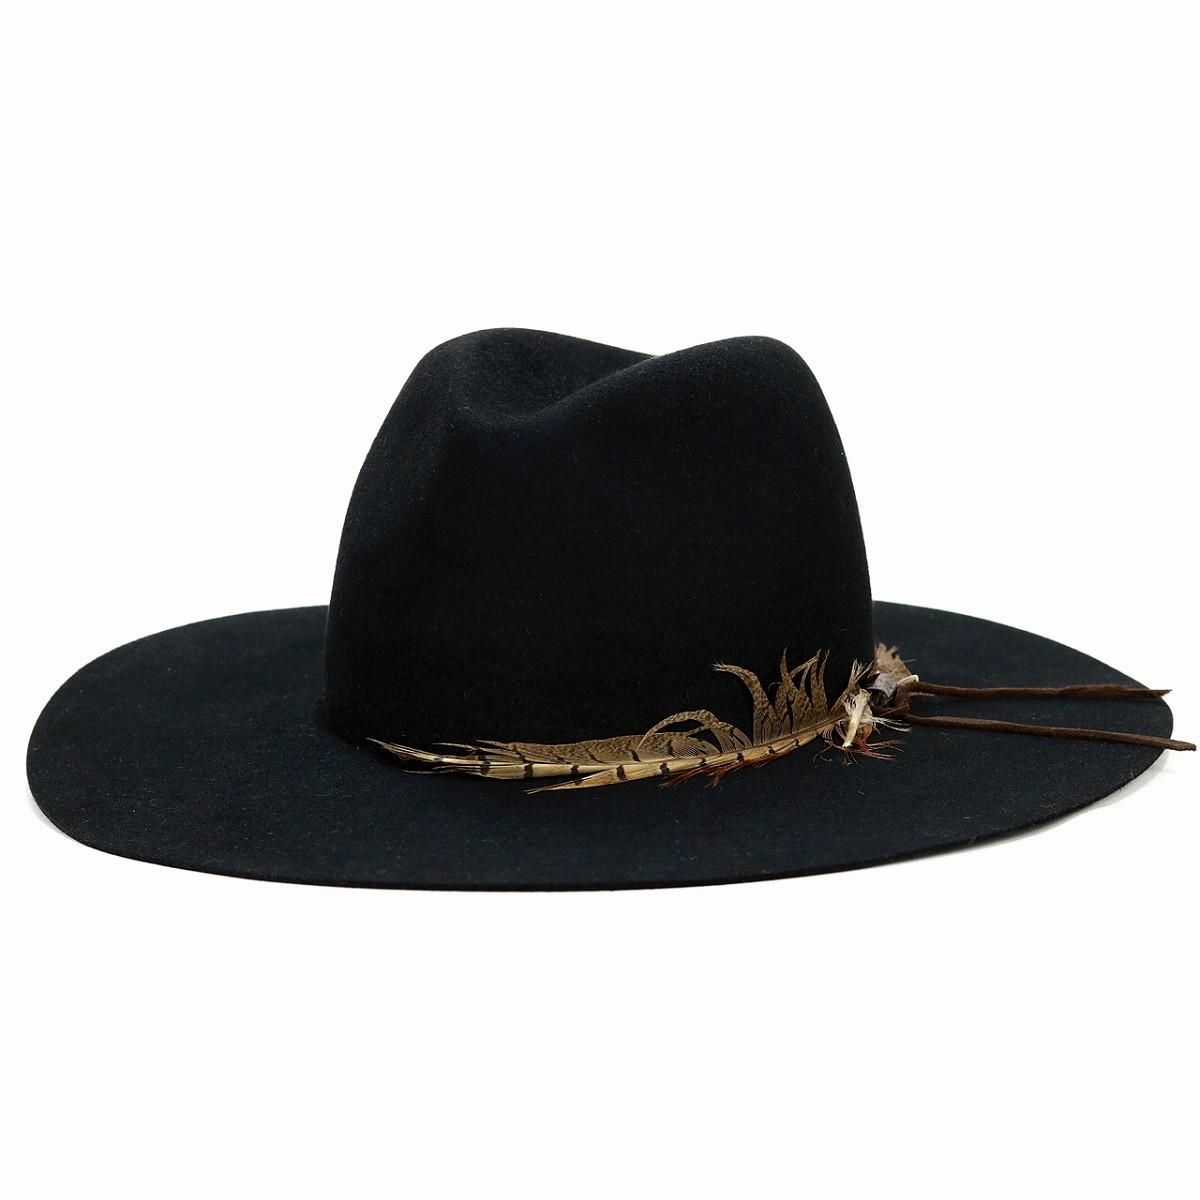 ... Trilby hat gentleman 57cm 59cm black black  cowboy hat  sells stetson  hat by mail ... 459ba1991d1